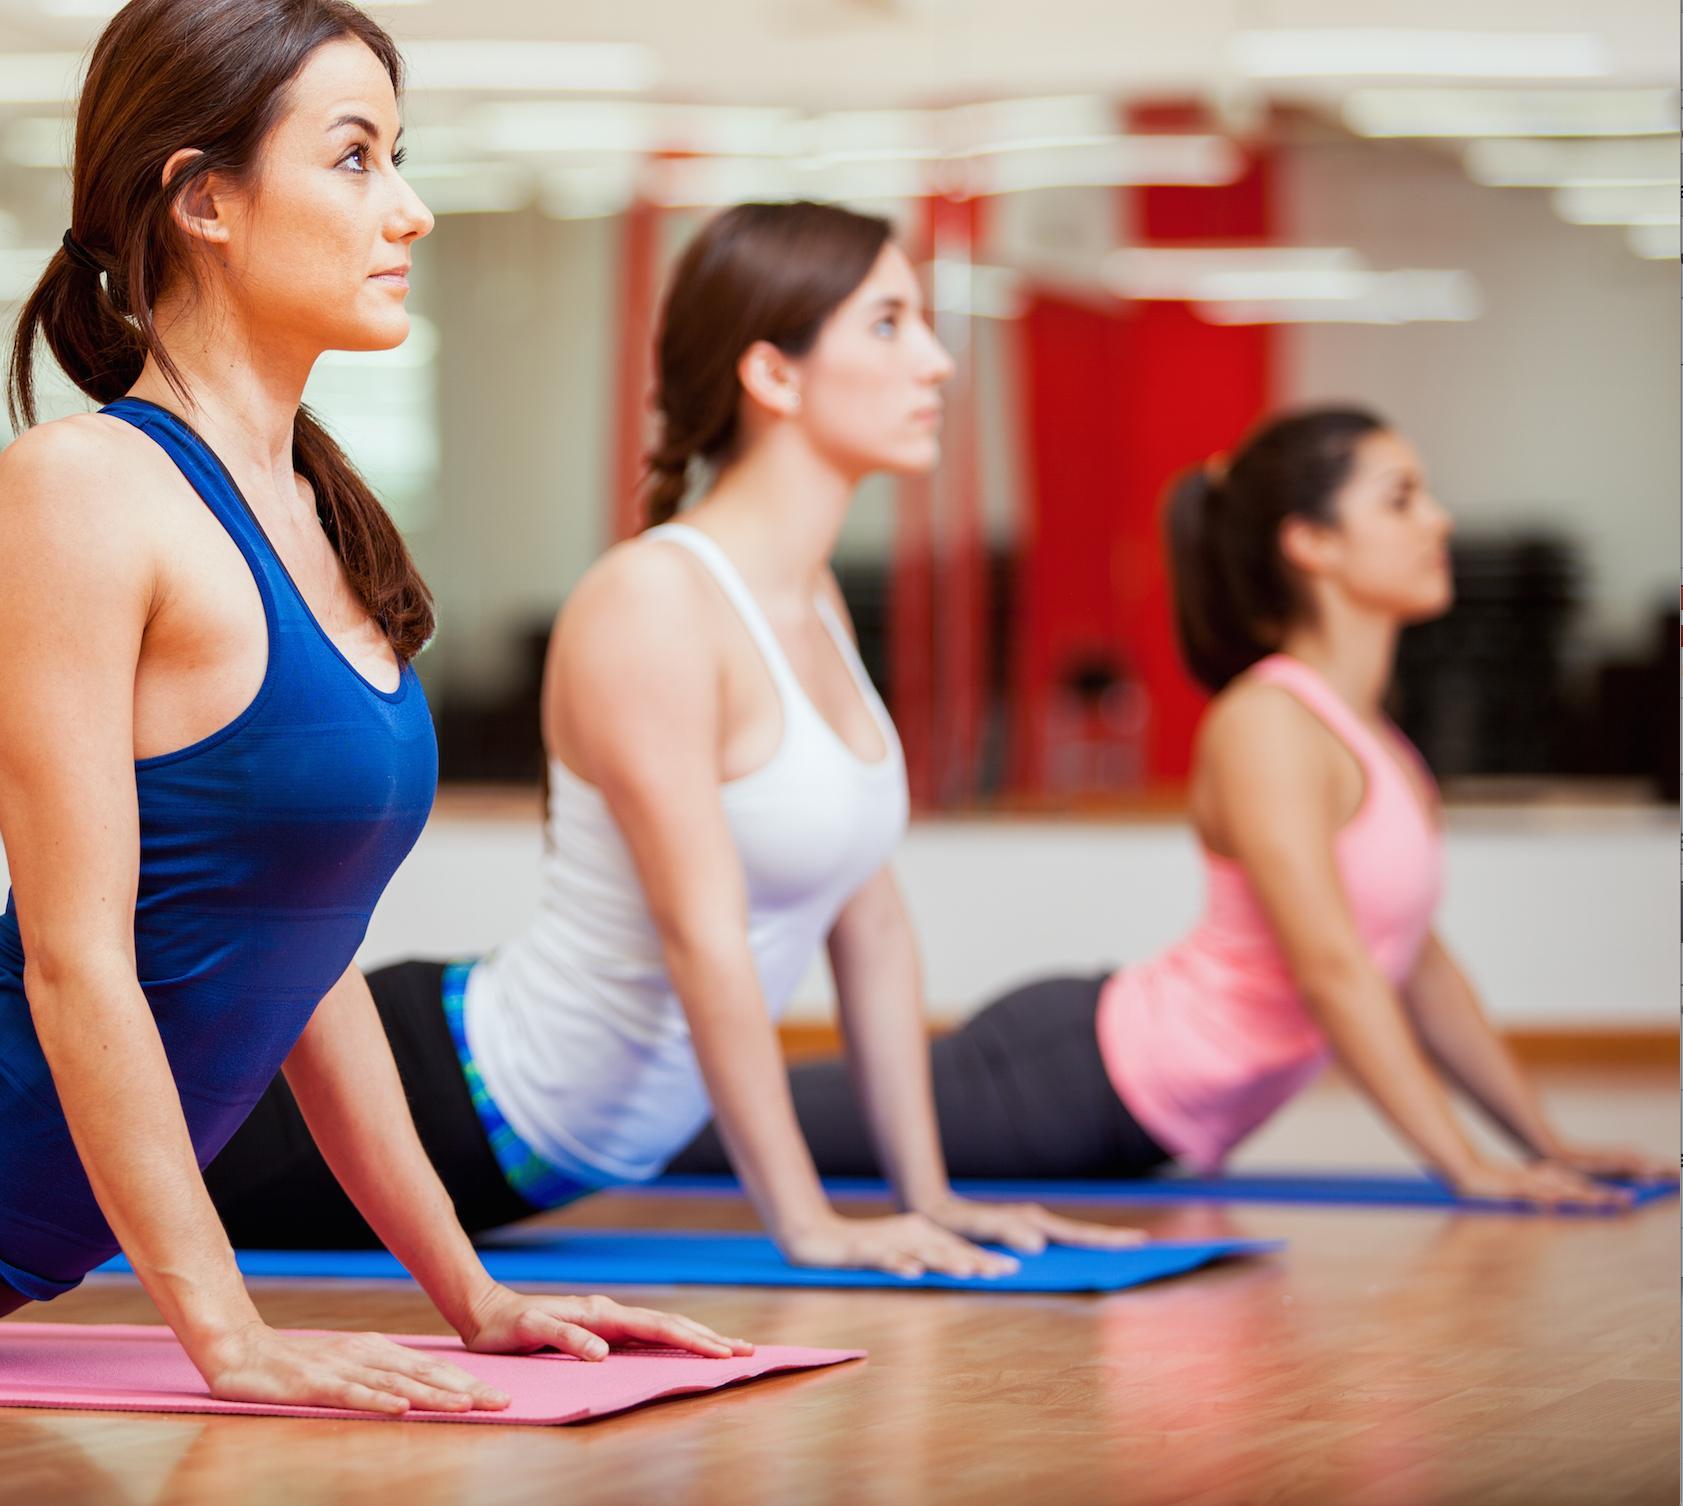 Aménager Une Salle De Yoga du yoga, oui, mais lequel pour moi? - femmes d'aujourd'hui